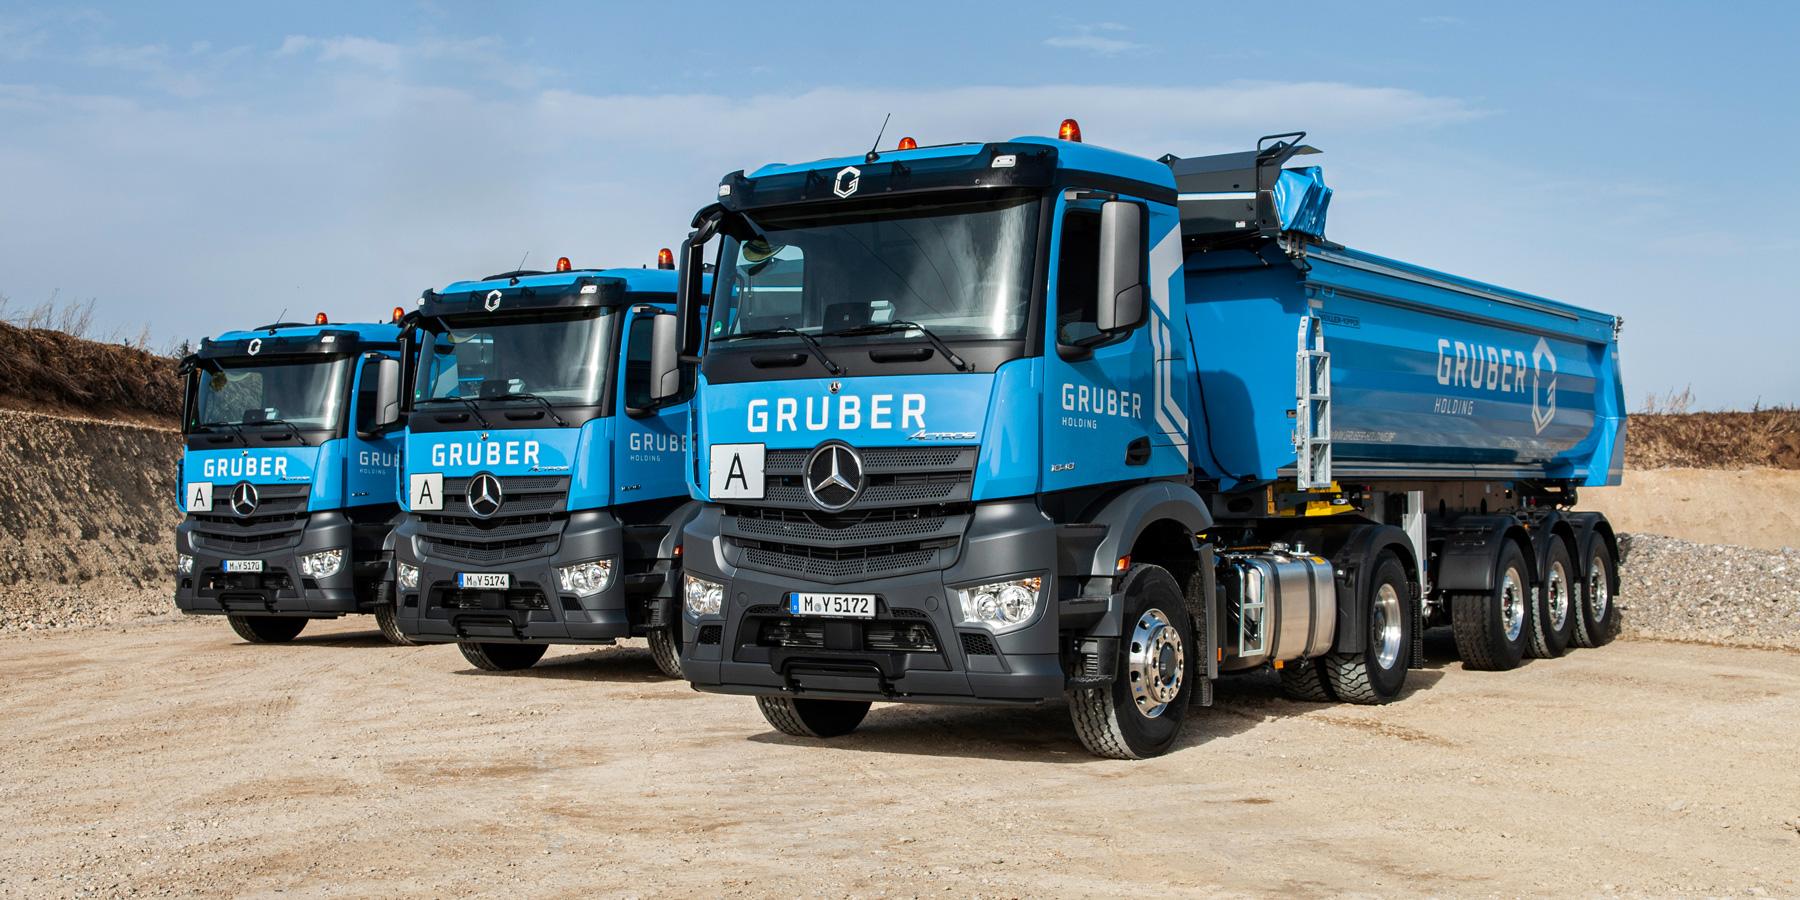 LKW der GRUBER Holding Sauerlach